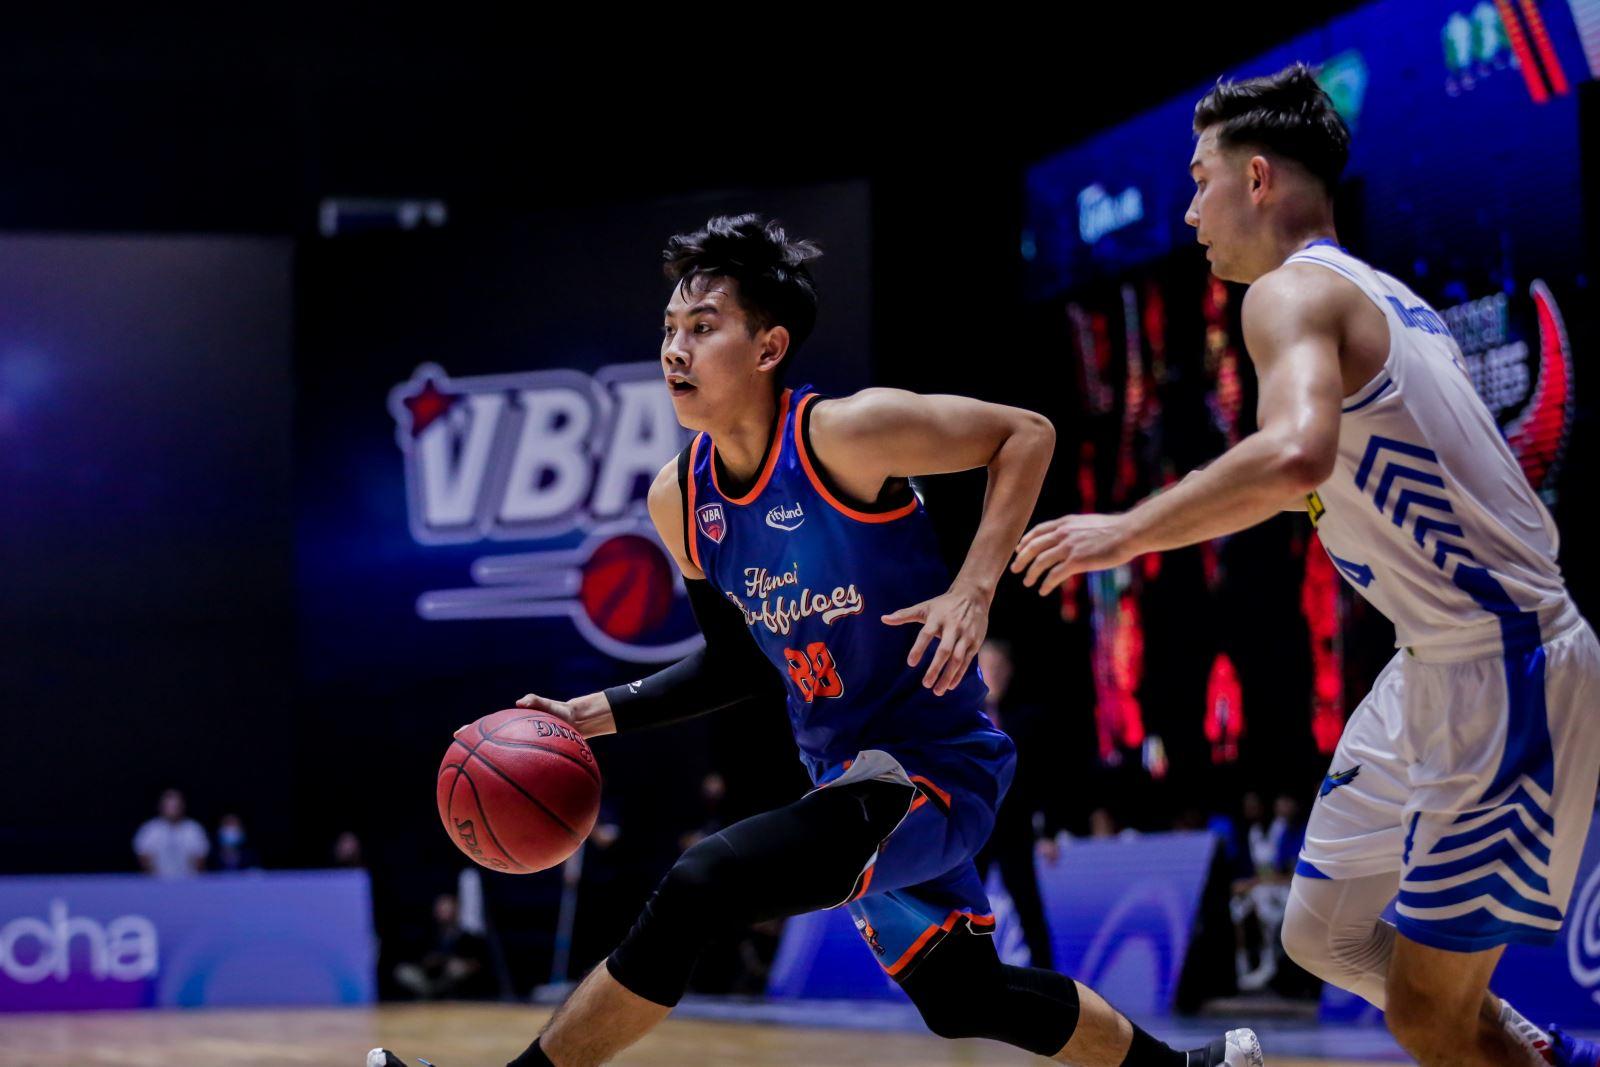 bóng rổ, thể thao Việt Nam, bóng rổ Việt Nam, VBA, giải bóng rổ chuyên nghiệp Việt Nam 2021, Cantho Catfish, Hanoi Buffaloes, Ho Chi Minh City Wings, Kevin Yurkus